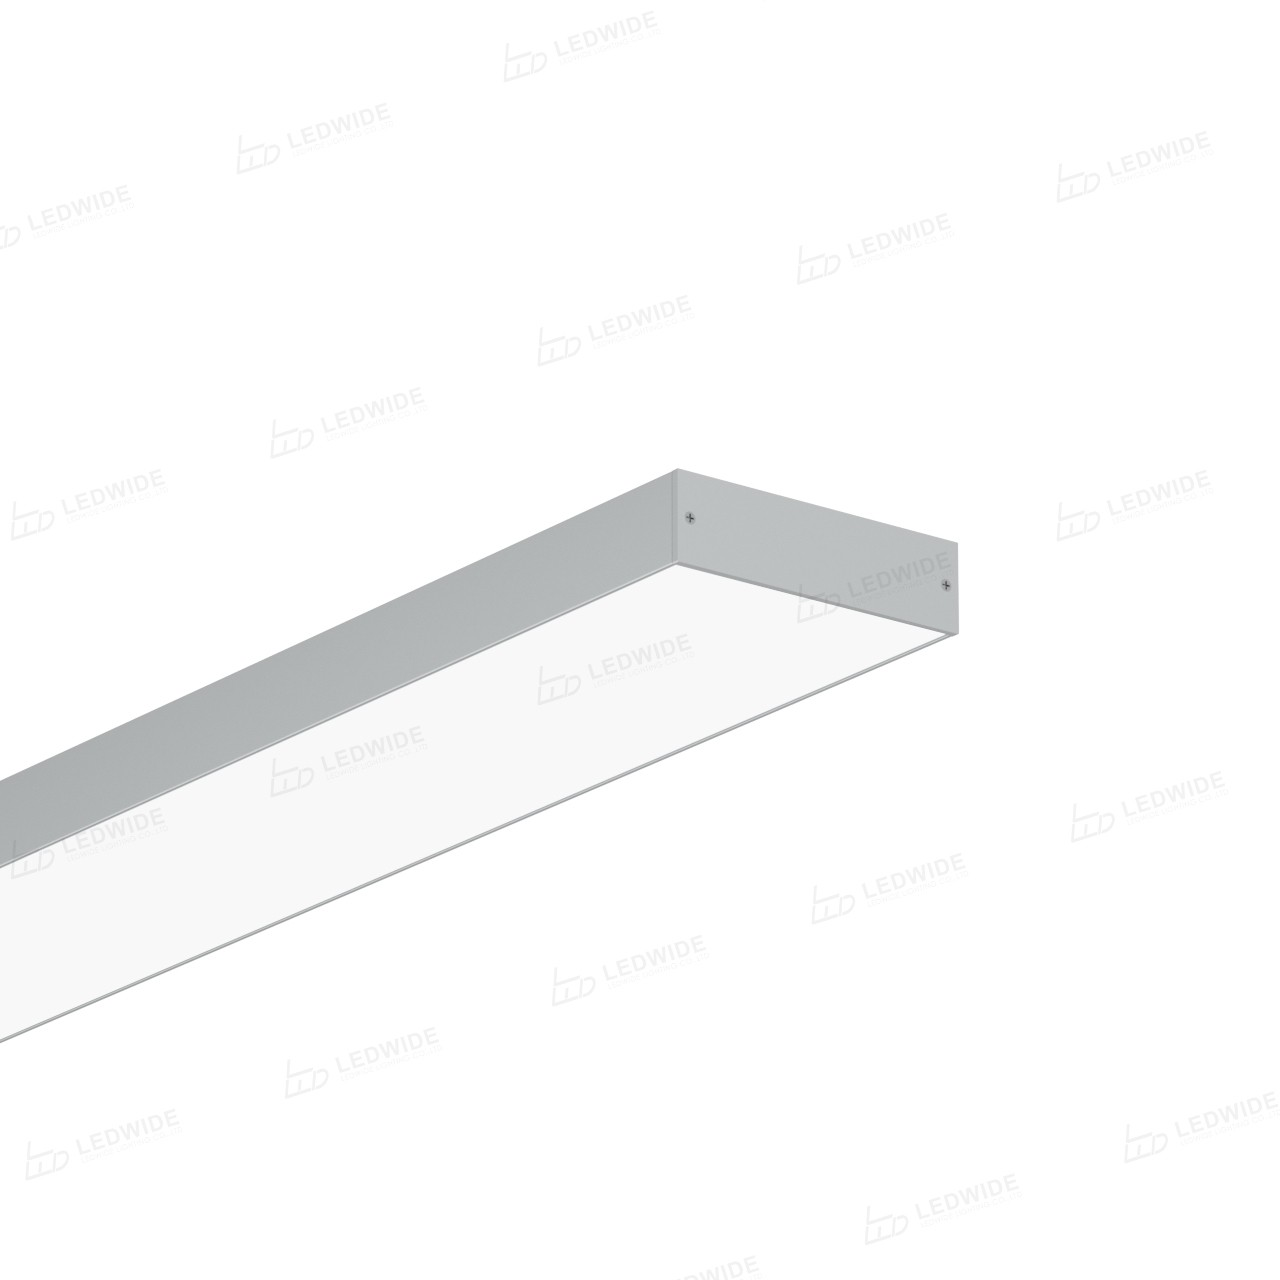 E80-22 Led Aluminum Profile Manufacturers, E80-22 Led Aluminum Profile Factory, Supply E80-22 Led Aluminum Profile